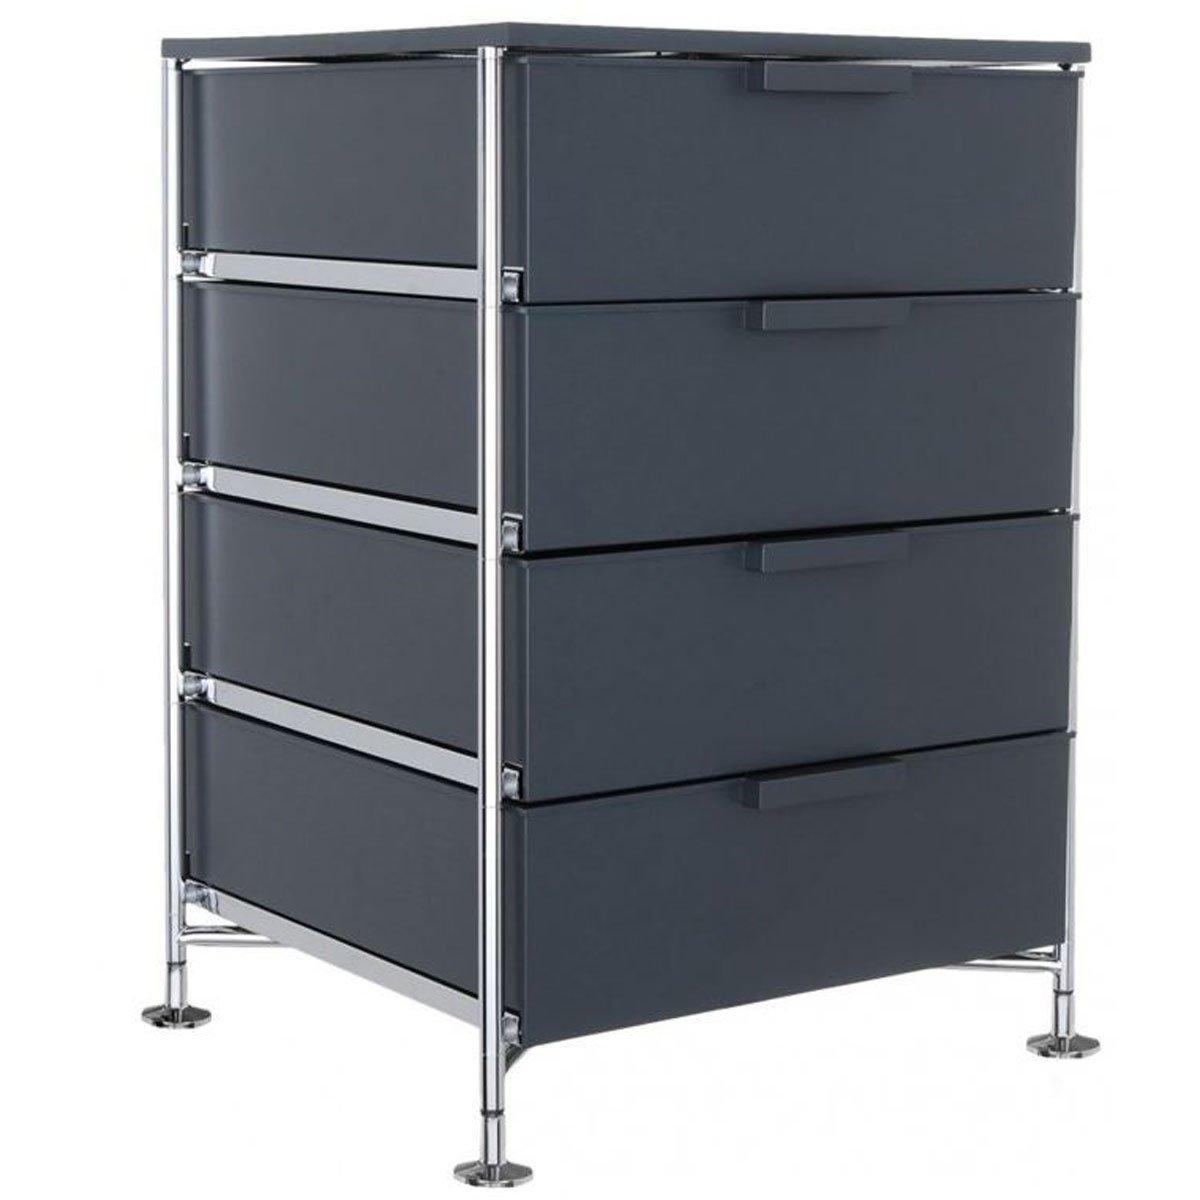 Kartell 2335L5 Container Mobil, 4 Schubladen, matt schiefergrau